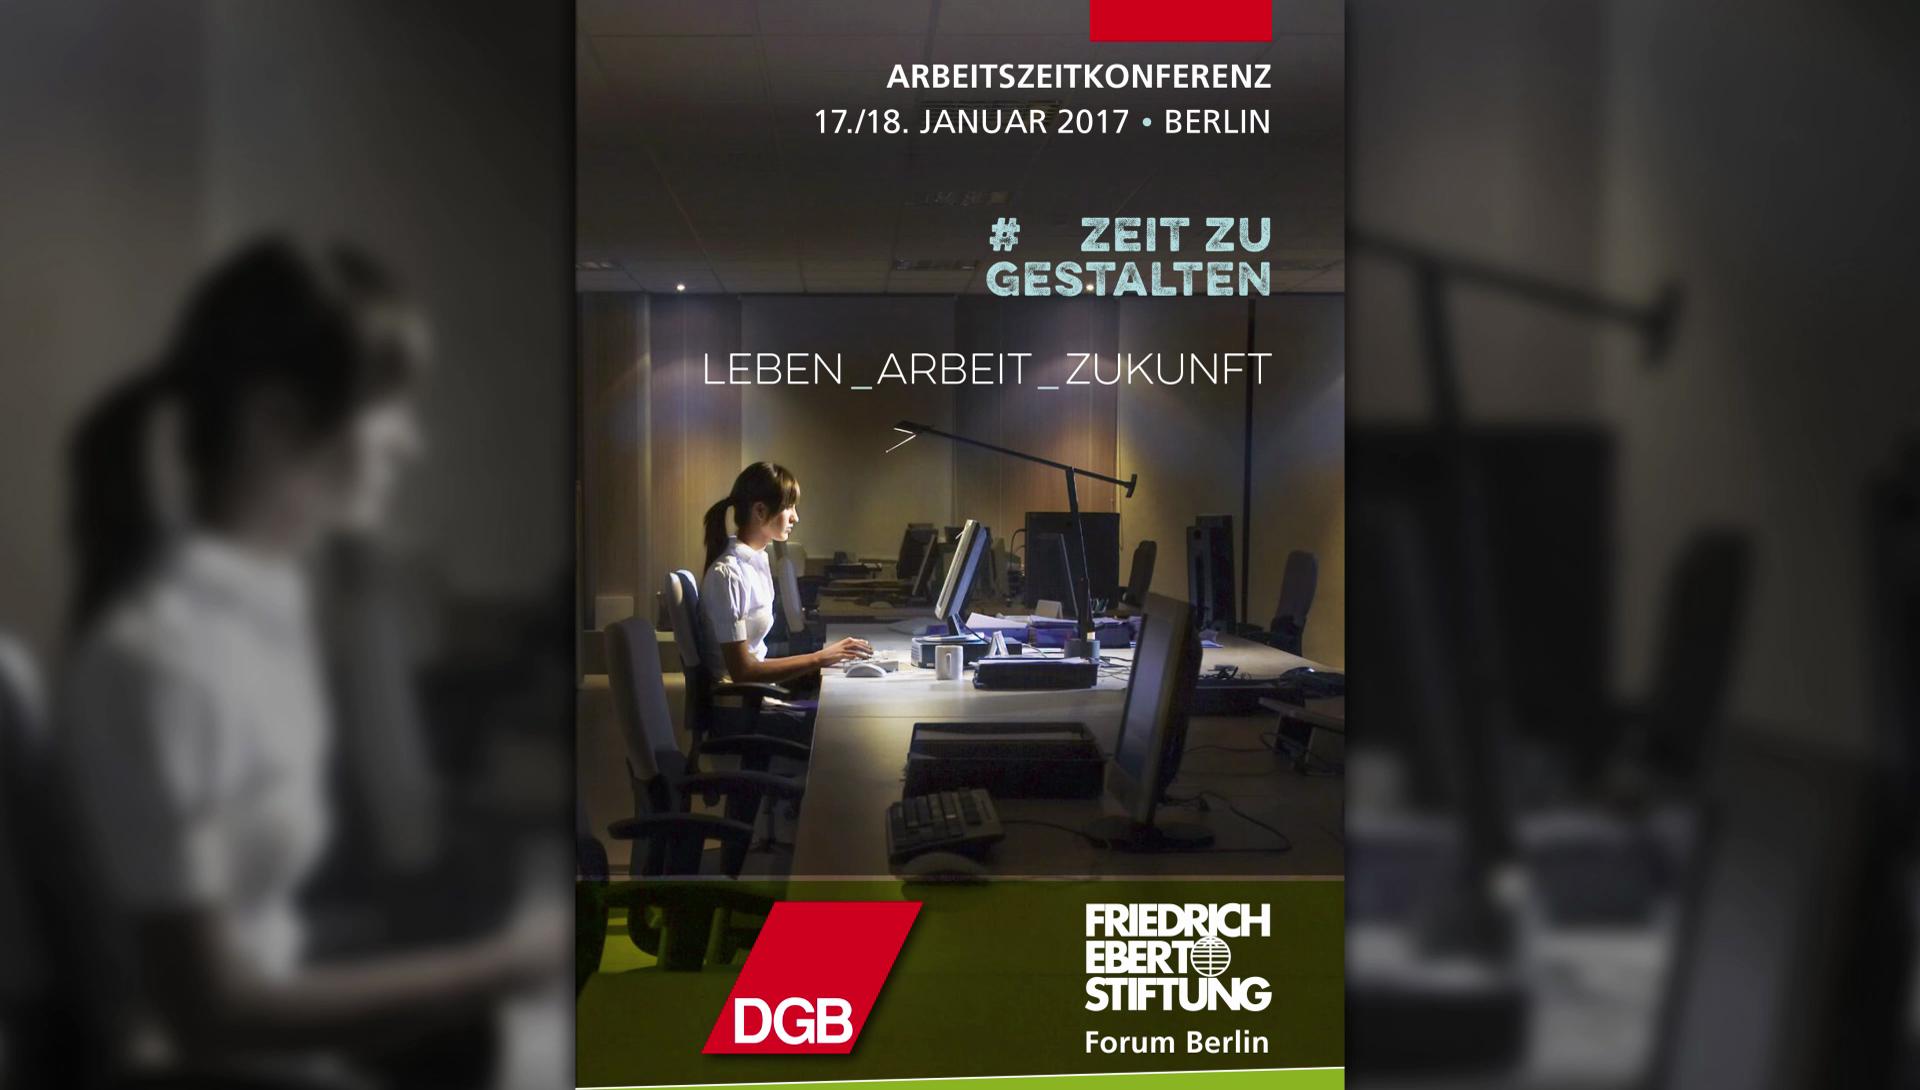 Vidoe von der Konferenz zur Arbeitszeit LEBEN_ARBEIT_ZUKUNFT - #ZEITZUGESTALTEN